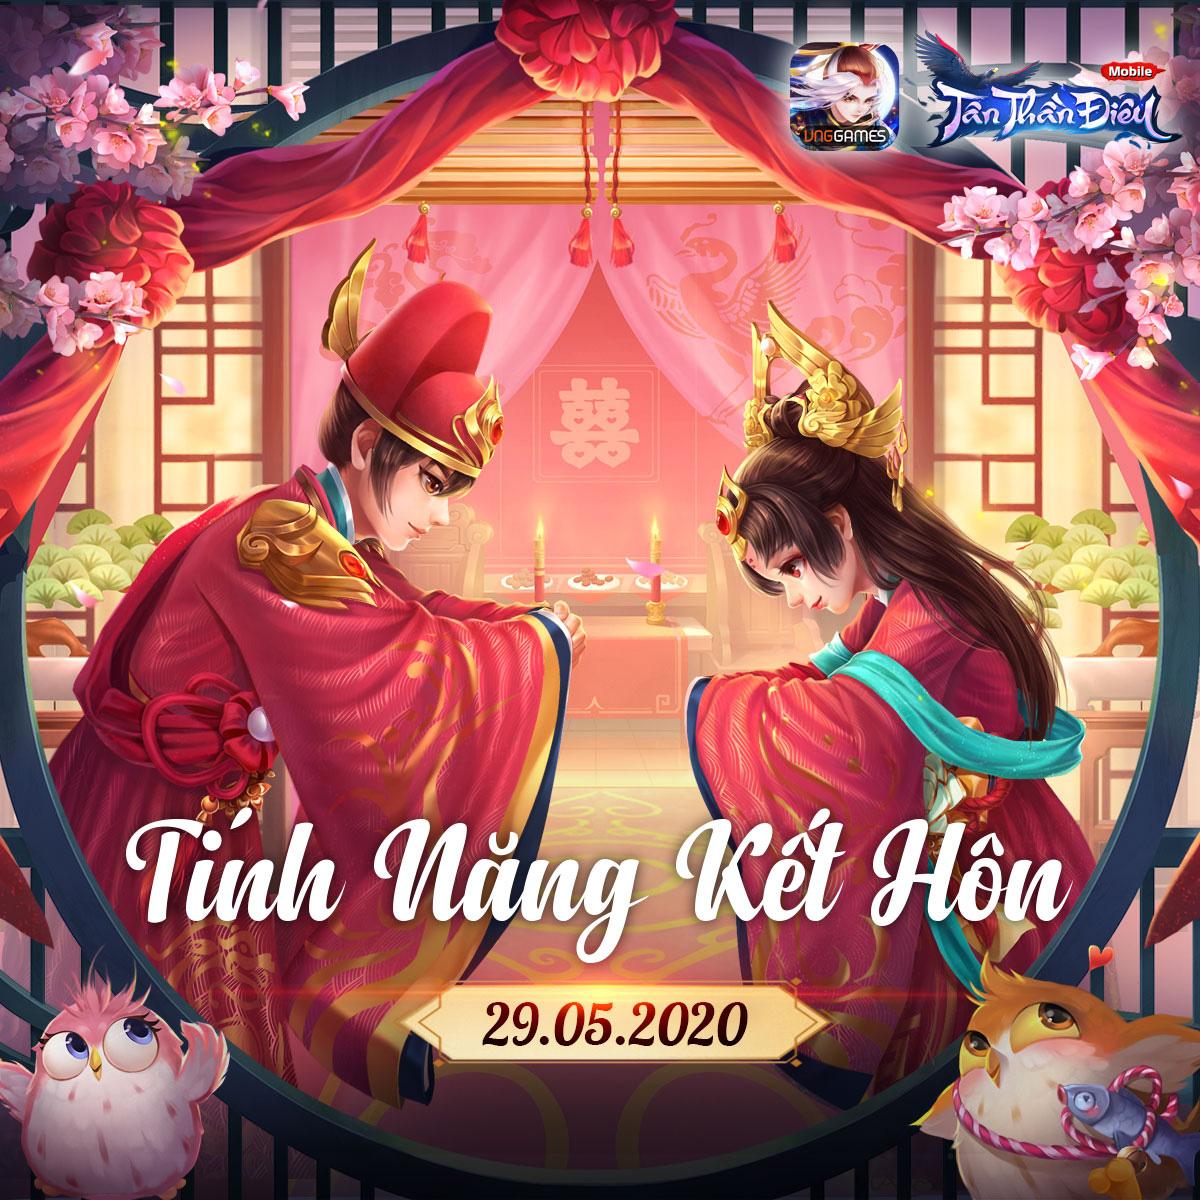 """Game thủ Tân Thần Điêu VNG được kết hôn, """"quẩy"""" Liên server và chơi môn phái mới Độc Cô từ ngày 29/5 - Ảnh 1."""